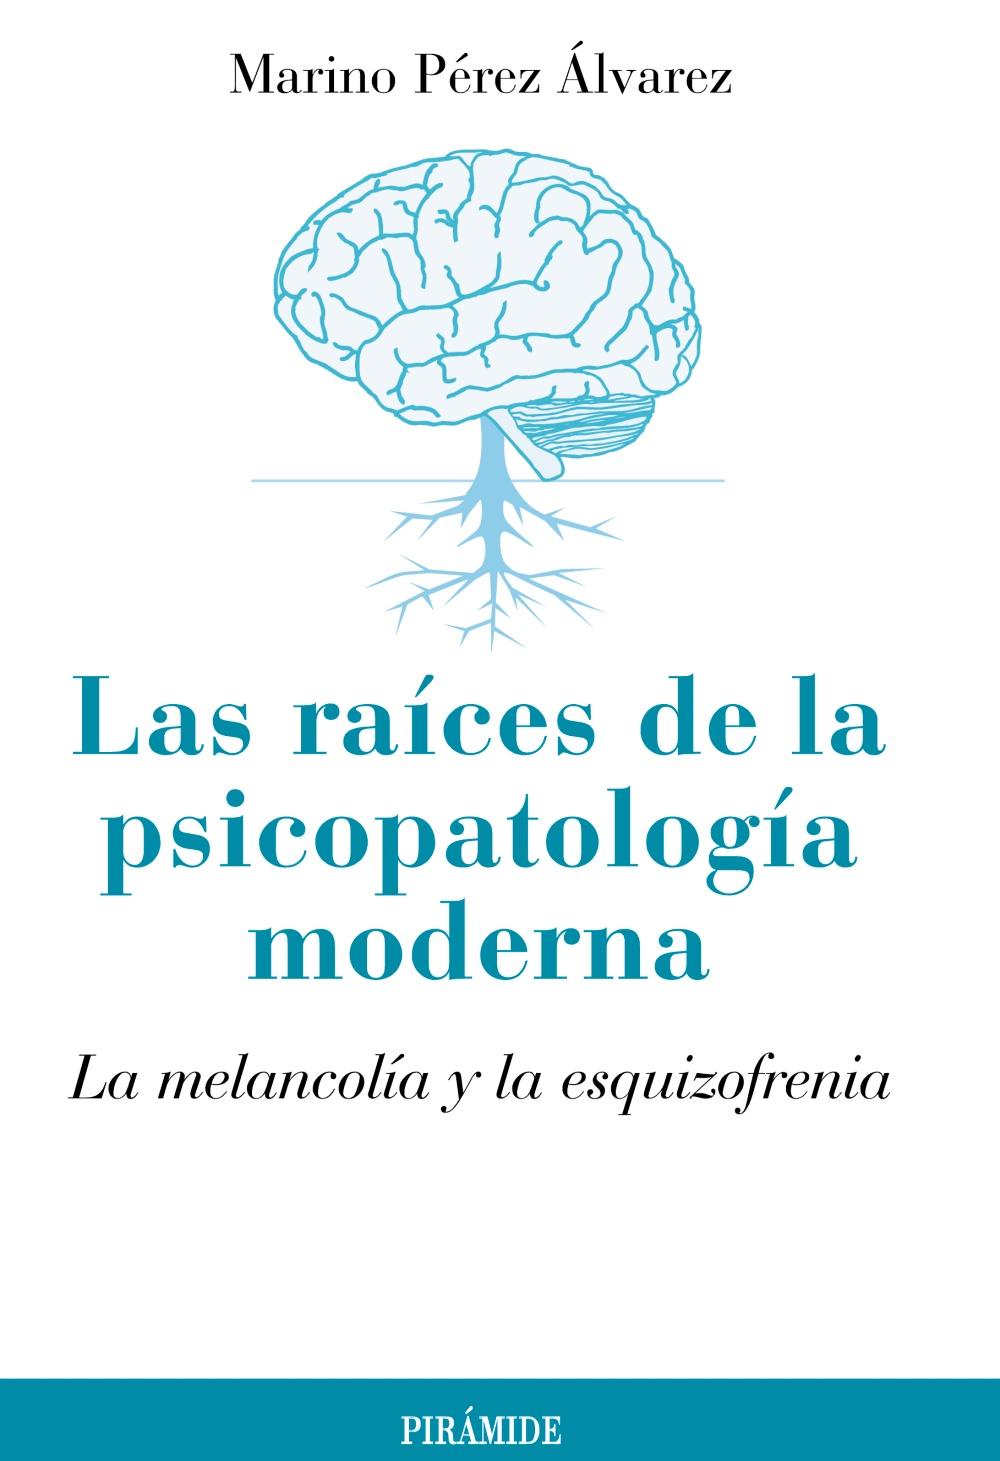 LAS RAICES DE LA PSICOPATOLOGIA MODERNA: LA MELANCOLIA Y LA ESQUI ...